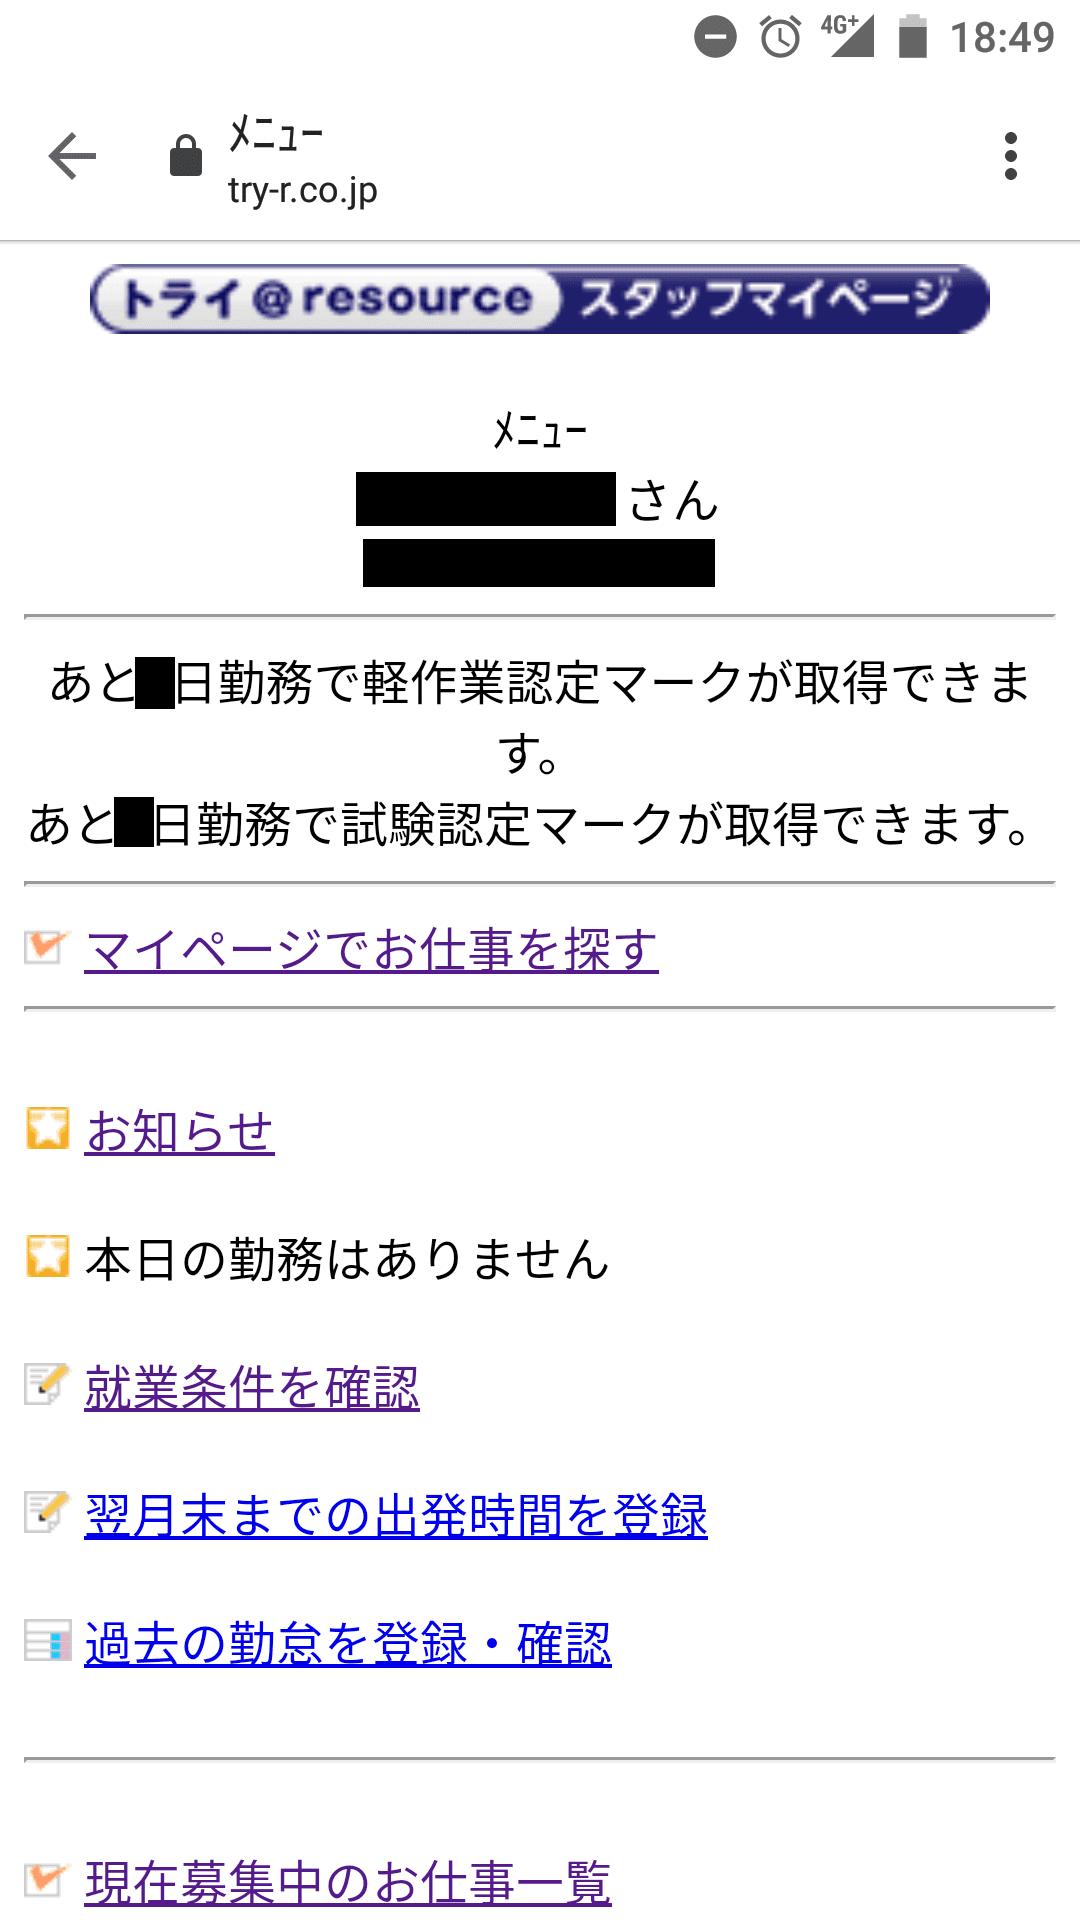 トライ・アットリソース WEB登録